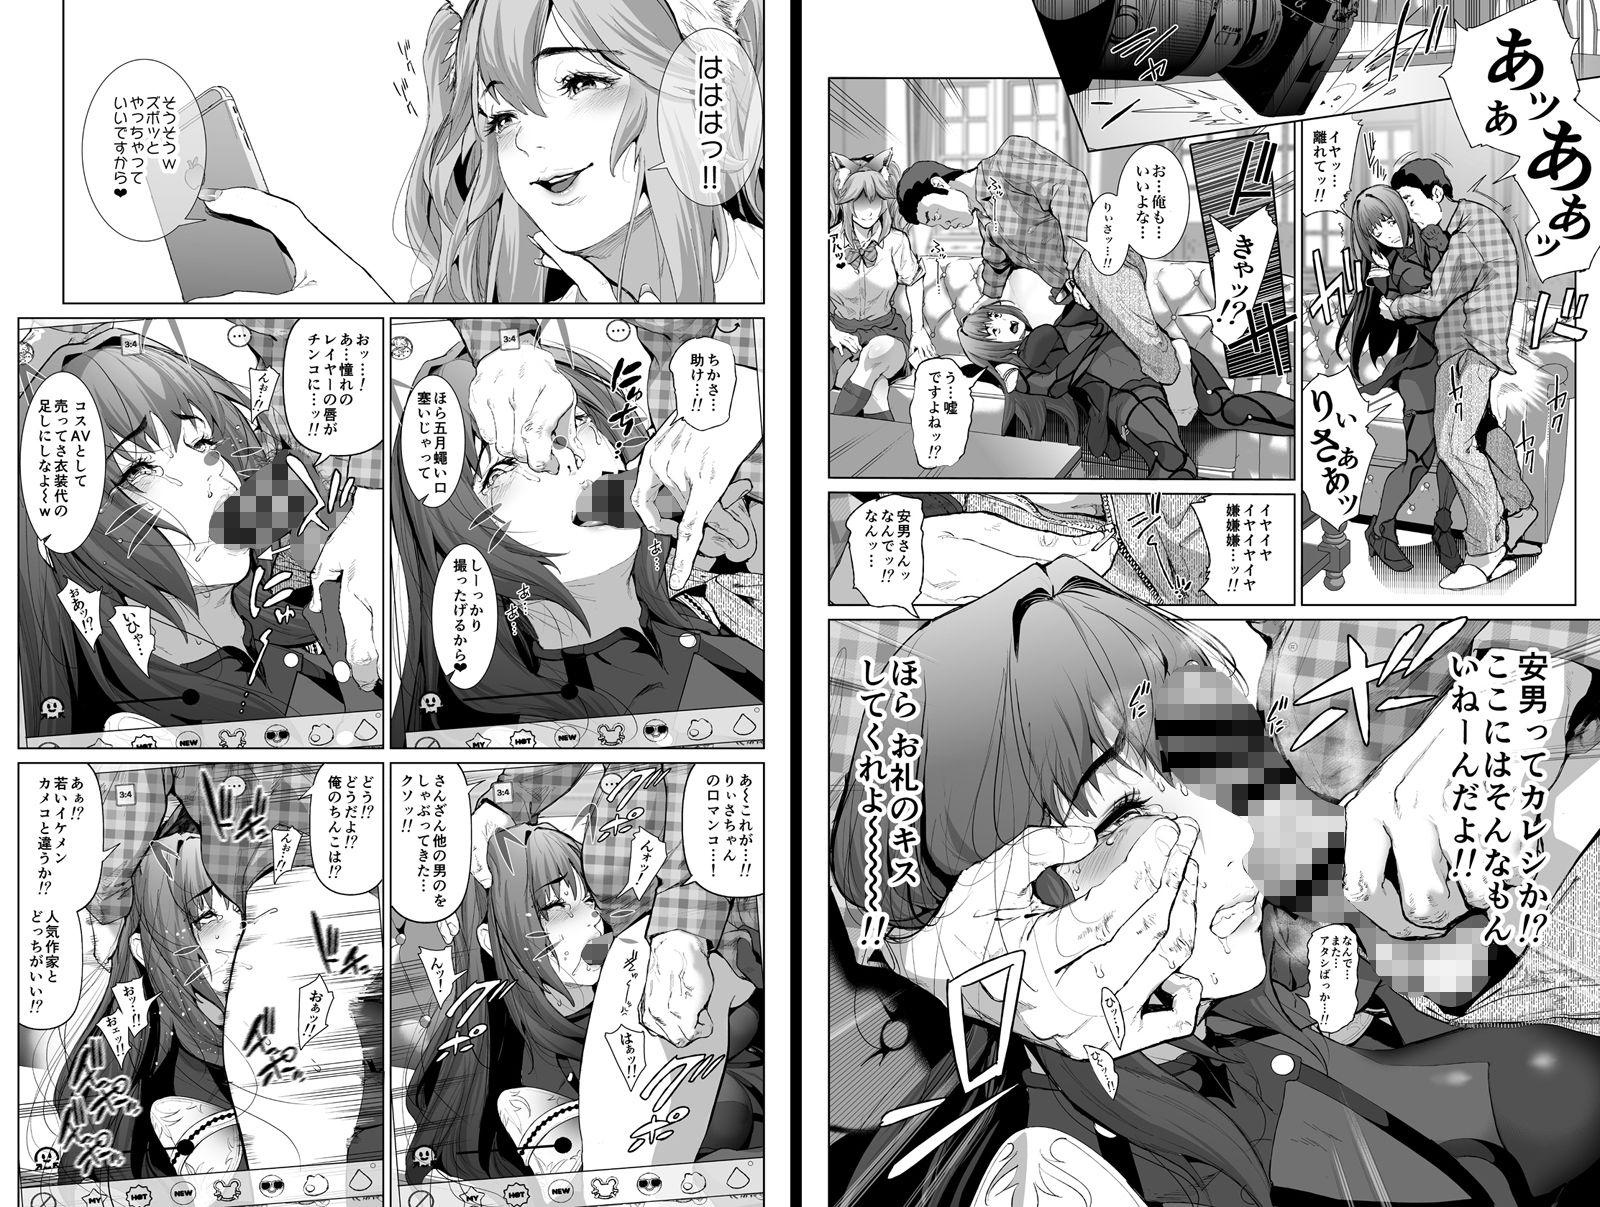 コスは淫らな仮面 総集編&誰が早くヤれるか!?初心者レイヤーコスハメレース編